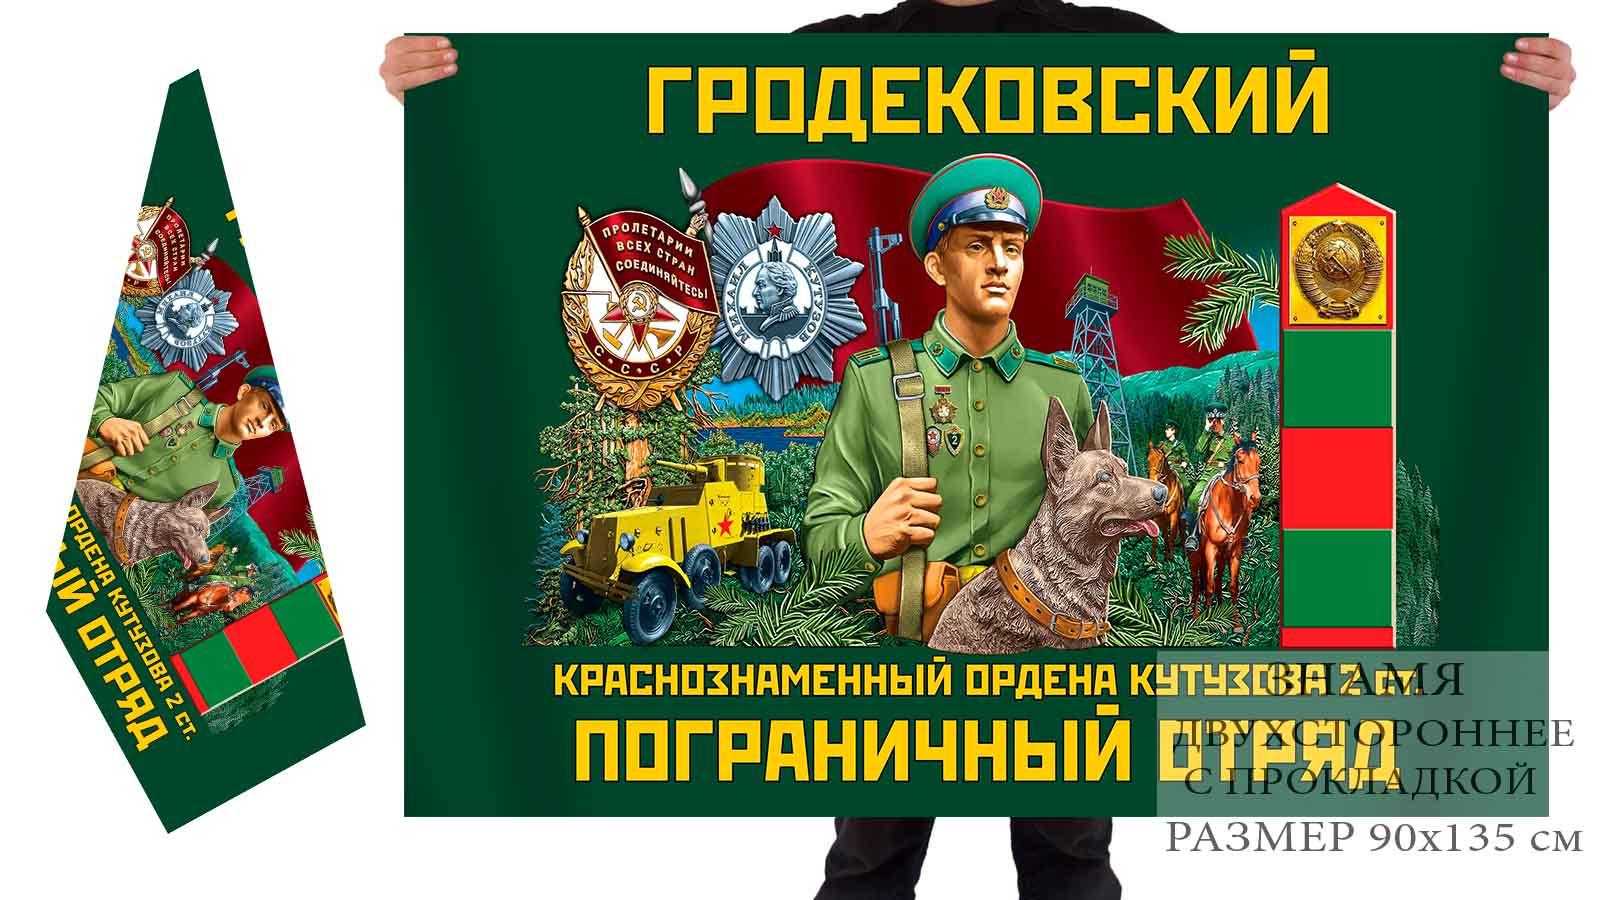 Двусторонний флаг Гродековского Краснознамённого ордена Кутузова 2 степени погранотряда